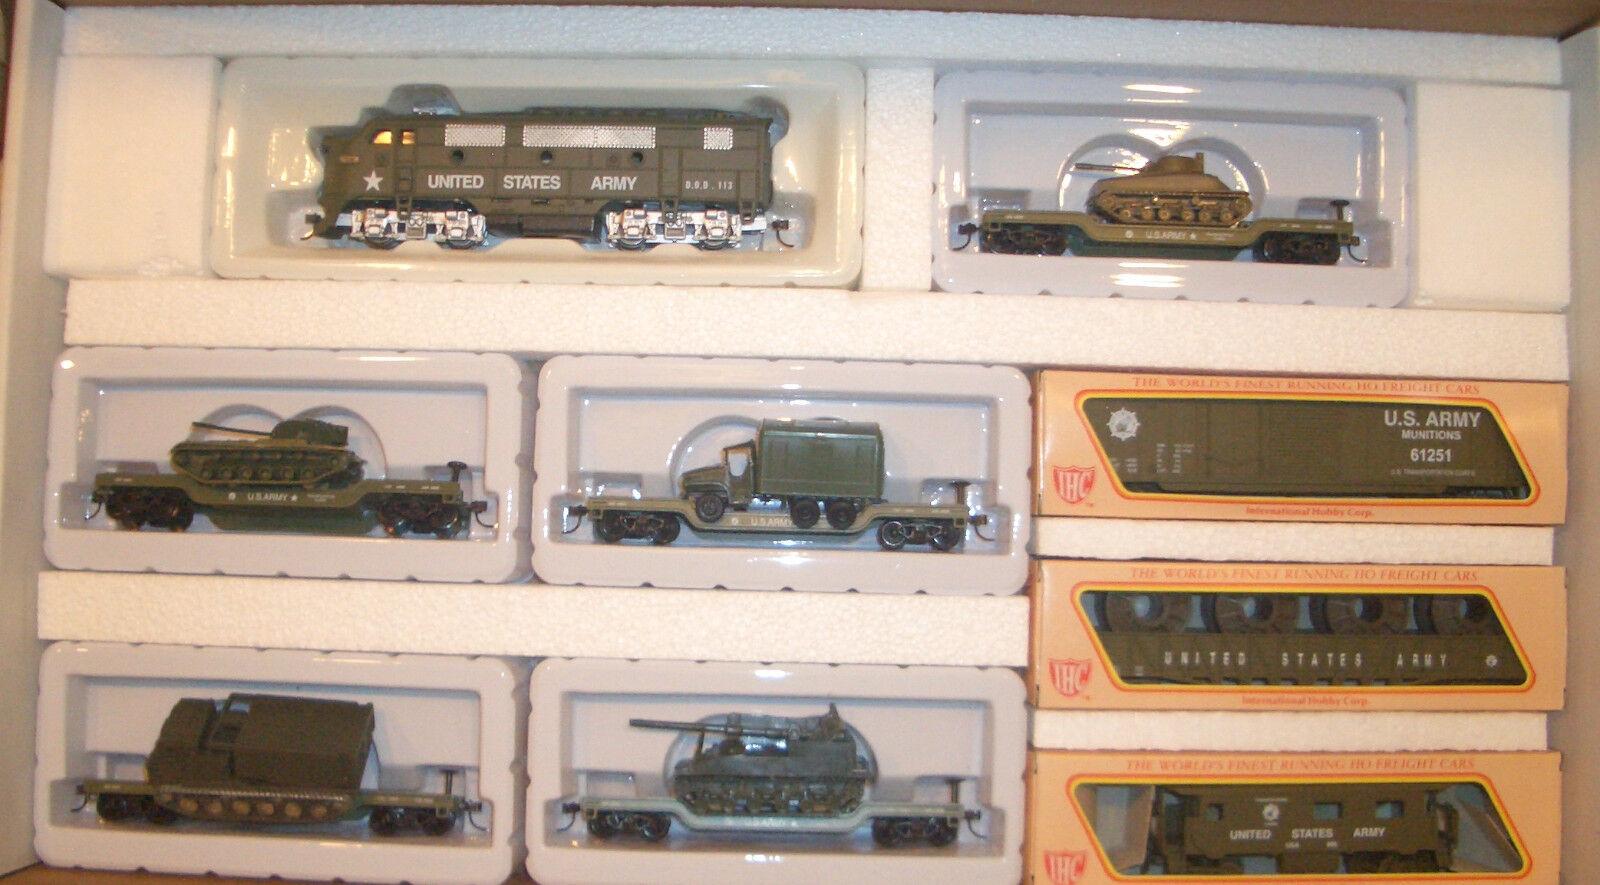 Venta barata Ho Militar Ejército De EE. UU. F-3 Loco & 5 5 5 coches con cargas Train Set US Army Train Set 8  directo de fábrica